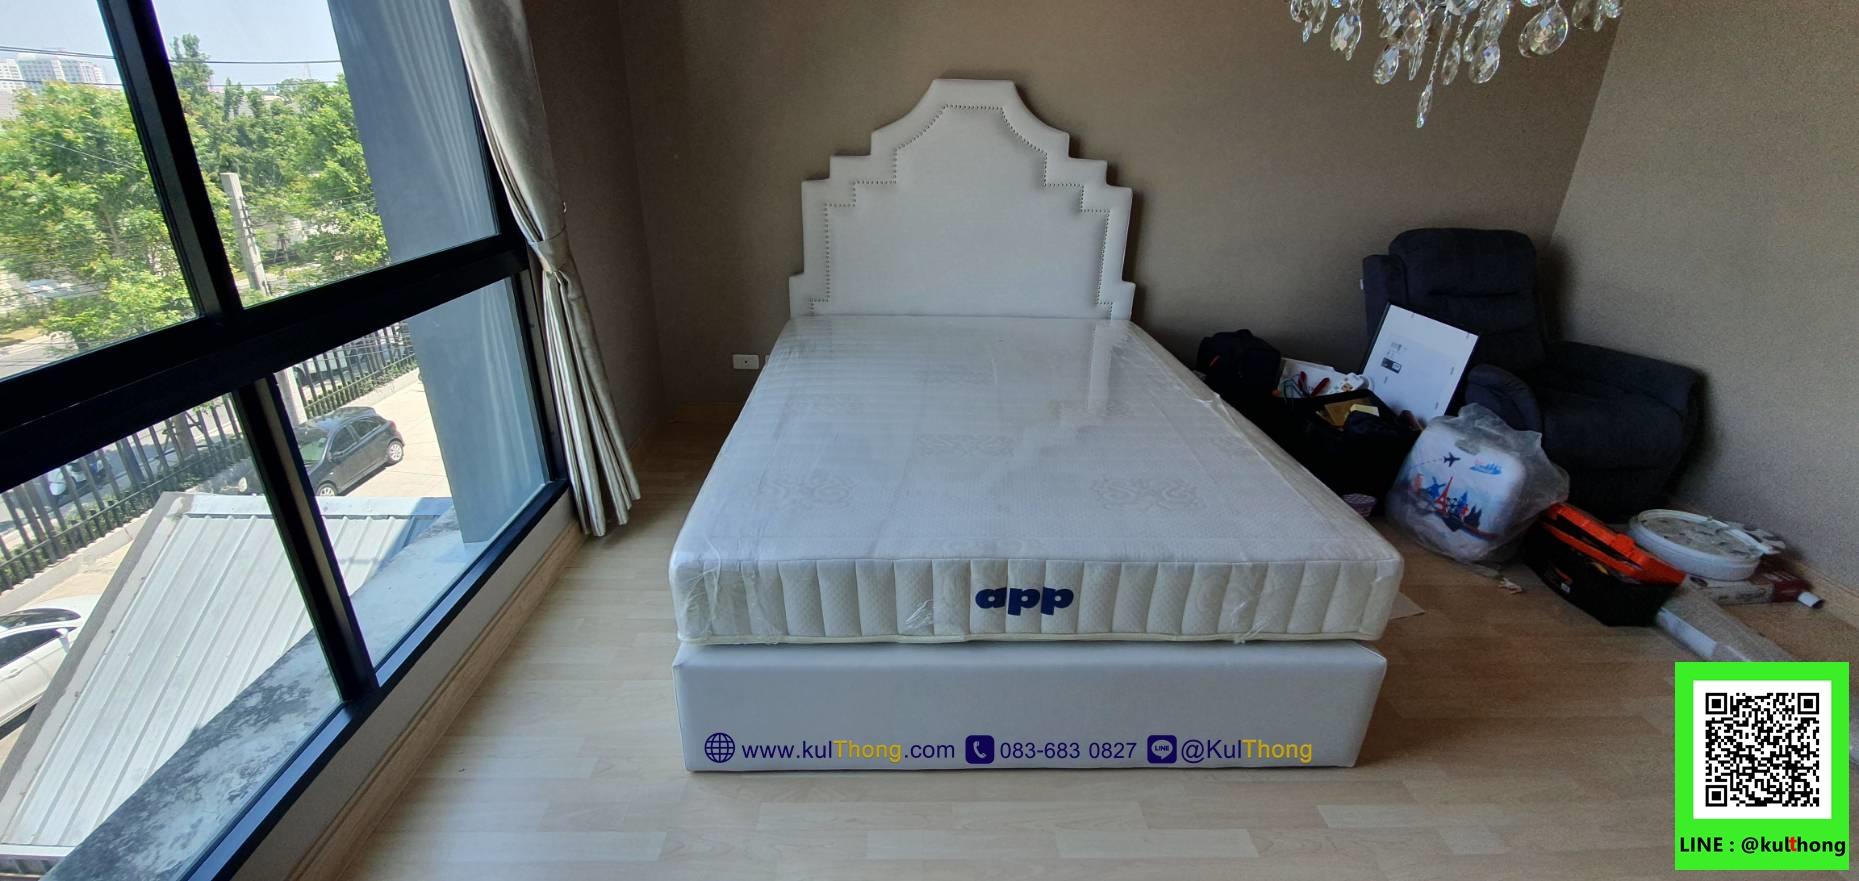 เตียงหุ้มหนัง ฐานเตียงแบบมีหัวเตียง หัวเตียงตอกหมุด หัวเตียงขั้นบันได เตียงนอนพัฒนาการ